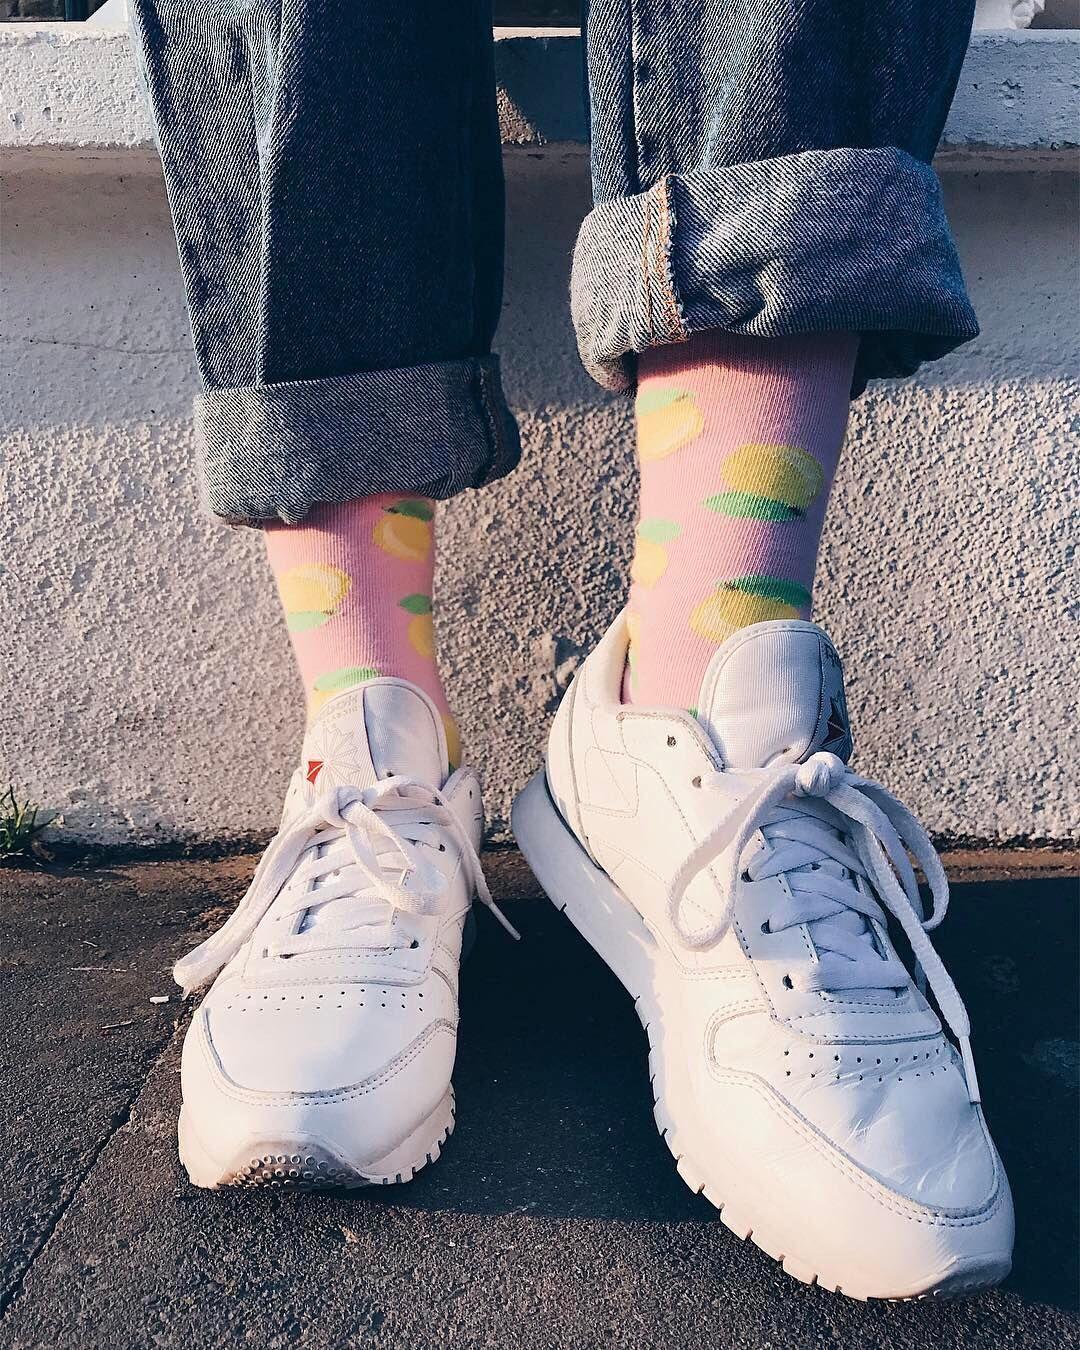 Reebokclassicpolska Na Instagramie Pinrolle I Wszystko Jasne Berrymalinowska Pokazuje Swiatu Jak Sie Nosic Reebok Classic Nike Air Force Sneaker Reebok